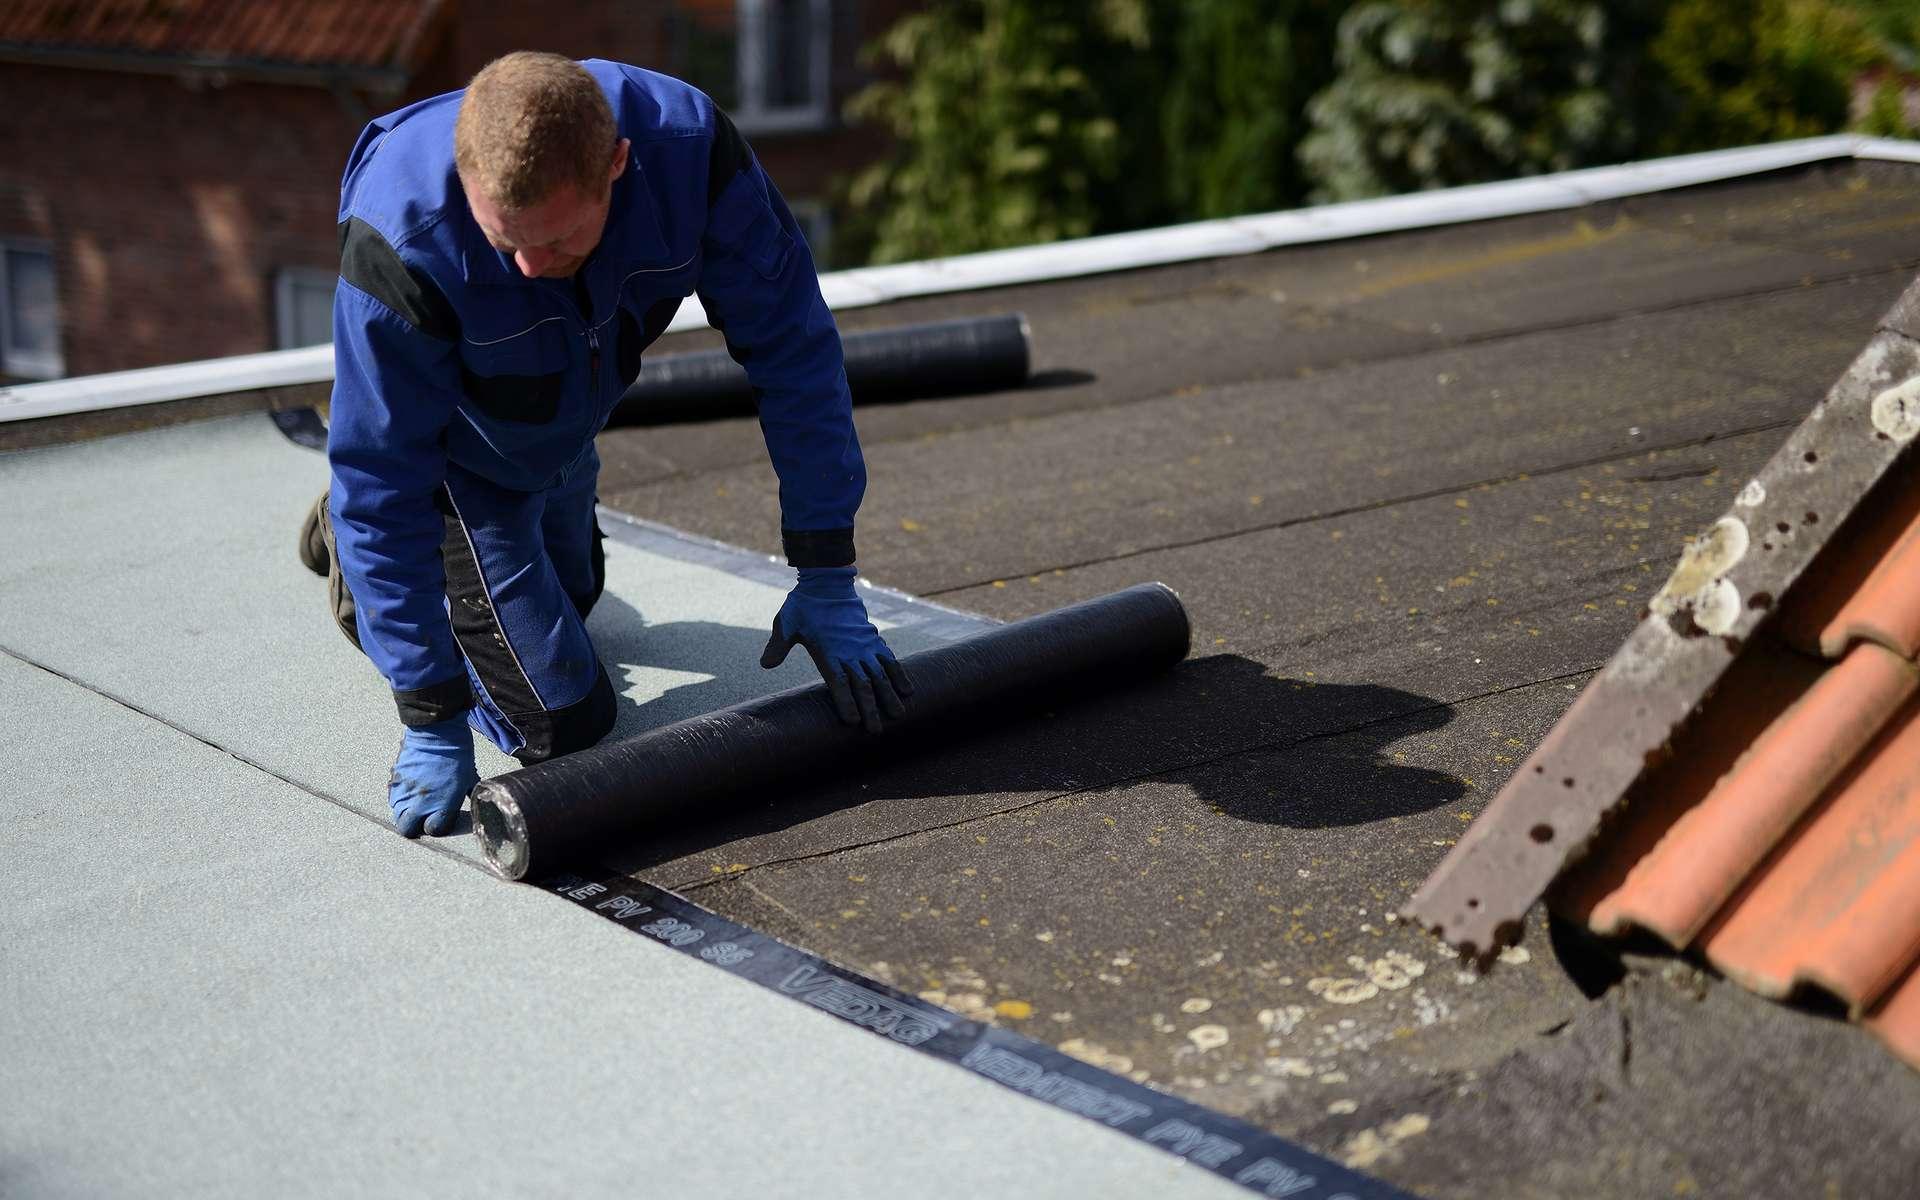 Travaux d'étanchéité pour toit plat © Sven Böttcher, AdobeStock